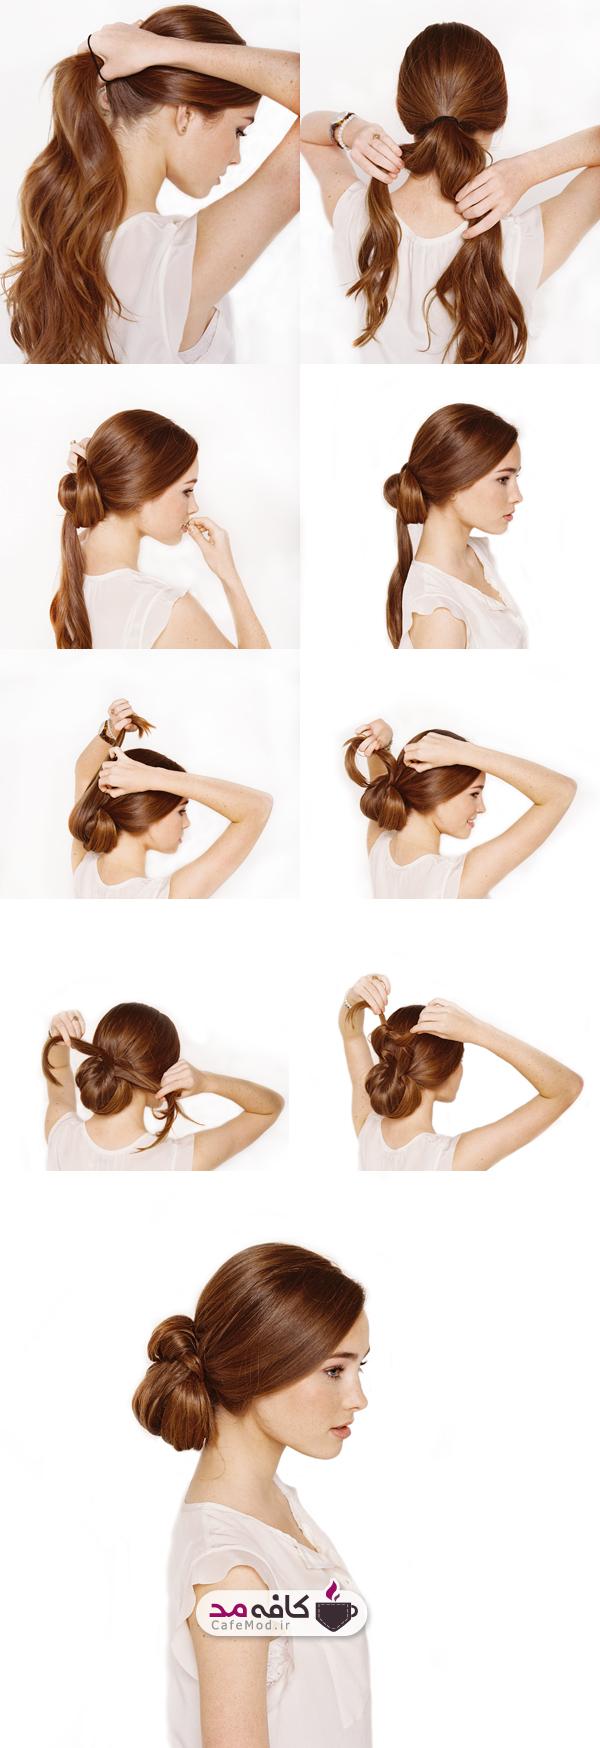 آموزش تصویری جمع کردن موها از پشت